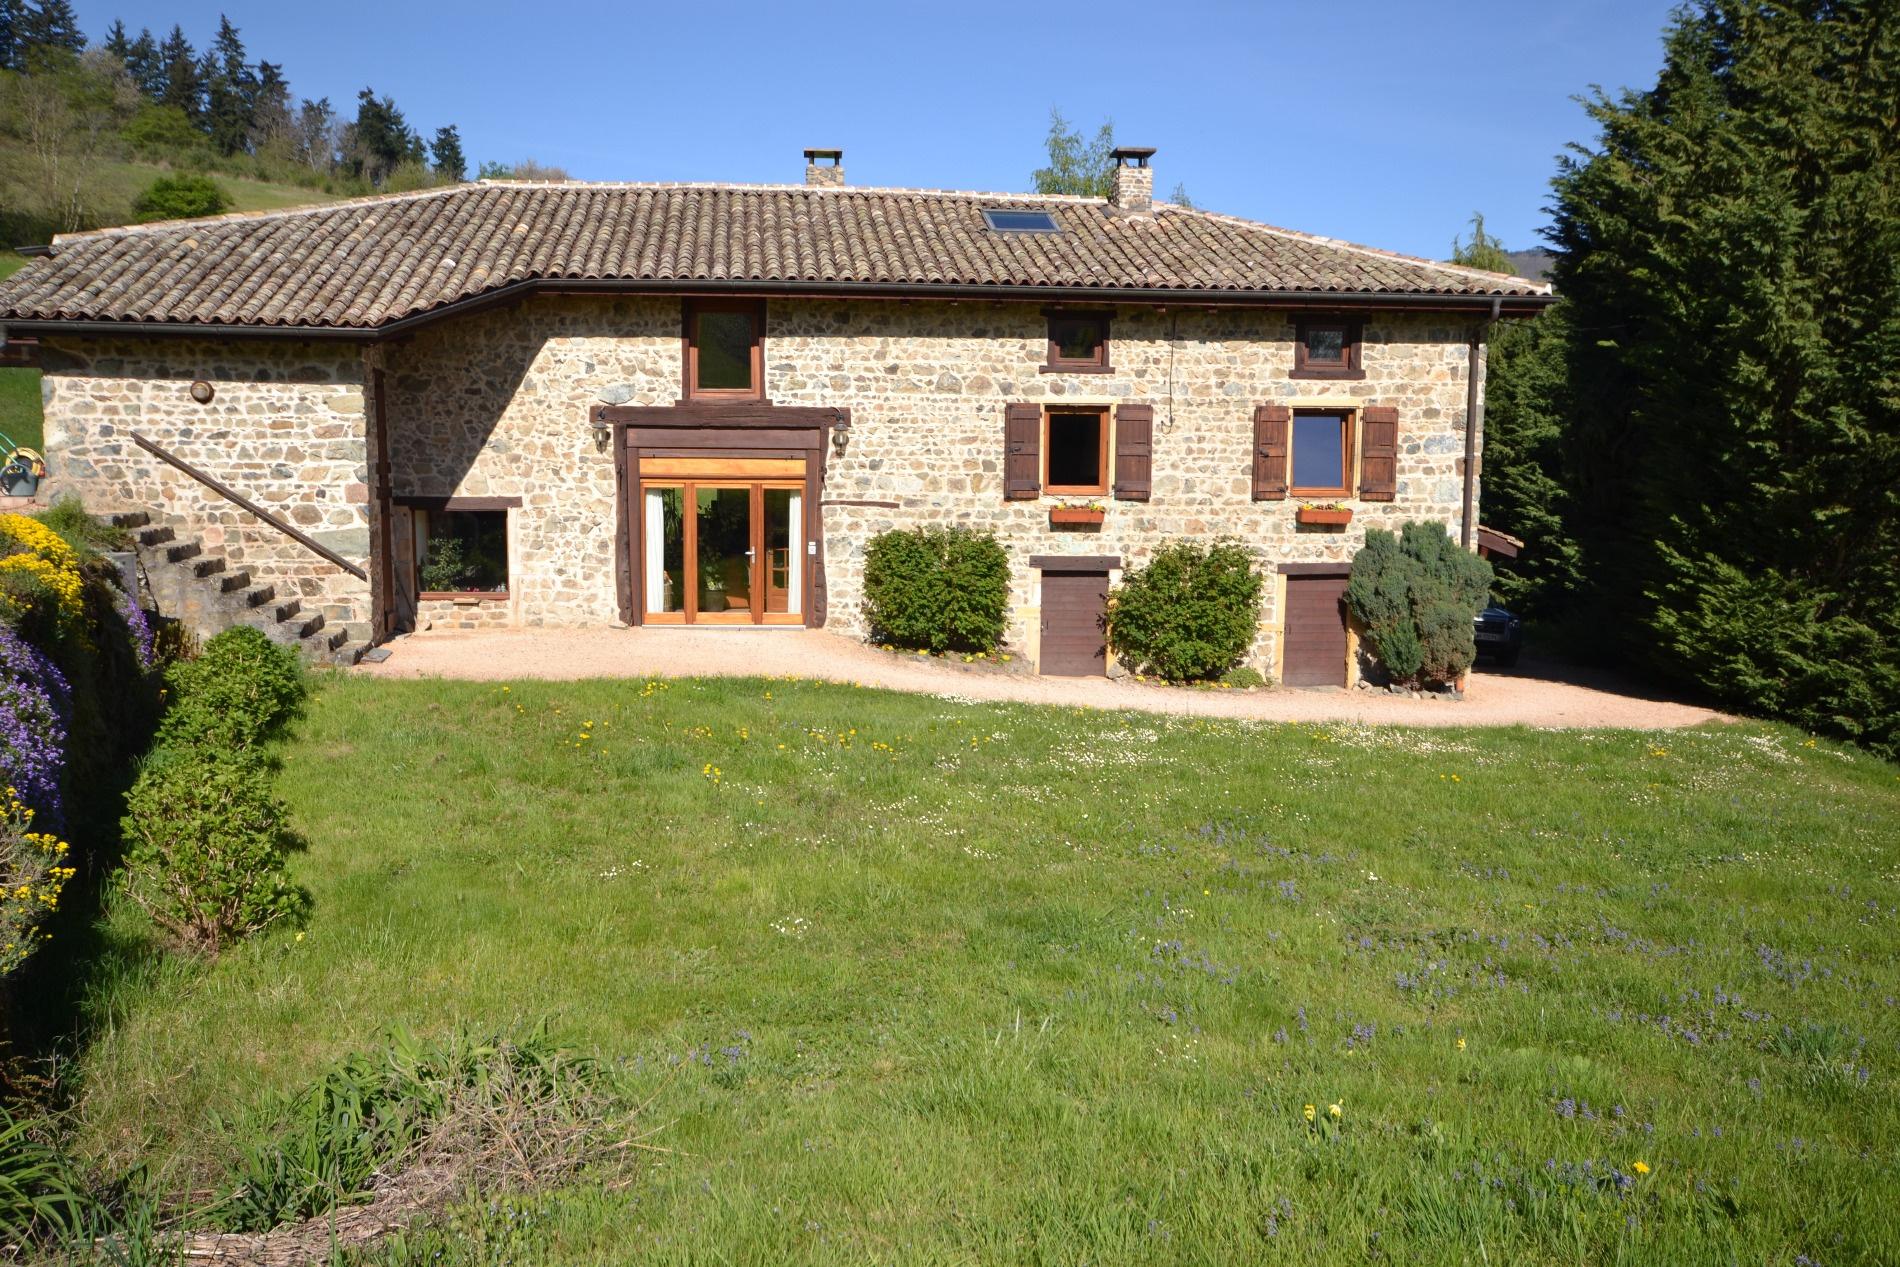 Vente nord lyon beaujolais maison en pierre batiments for Annexe maison prix